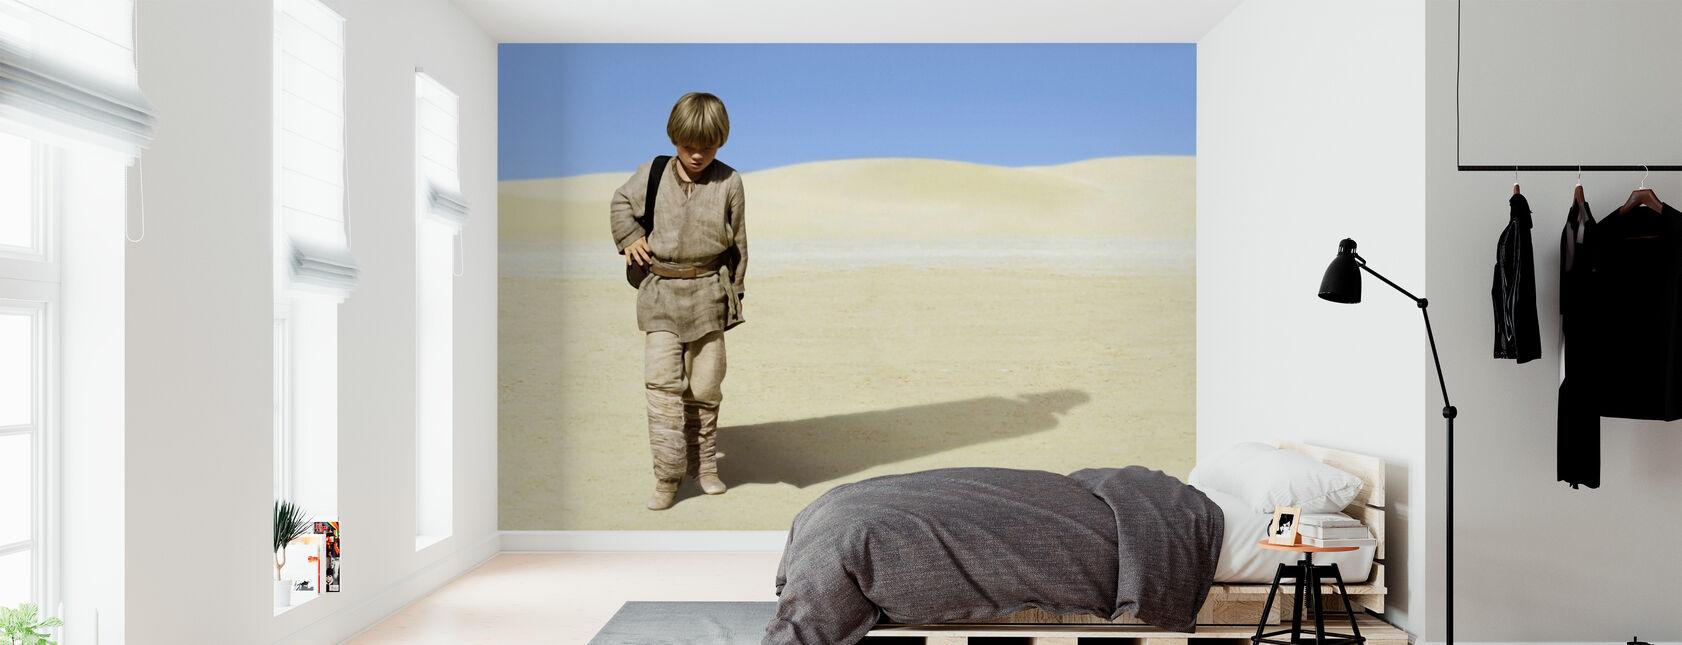 Star Wars - Unge Anakin Skywalker 1 - Tapet - Soveværelse